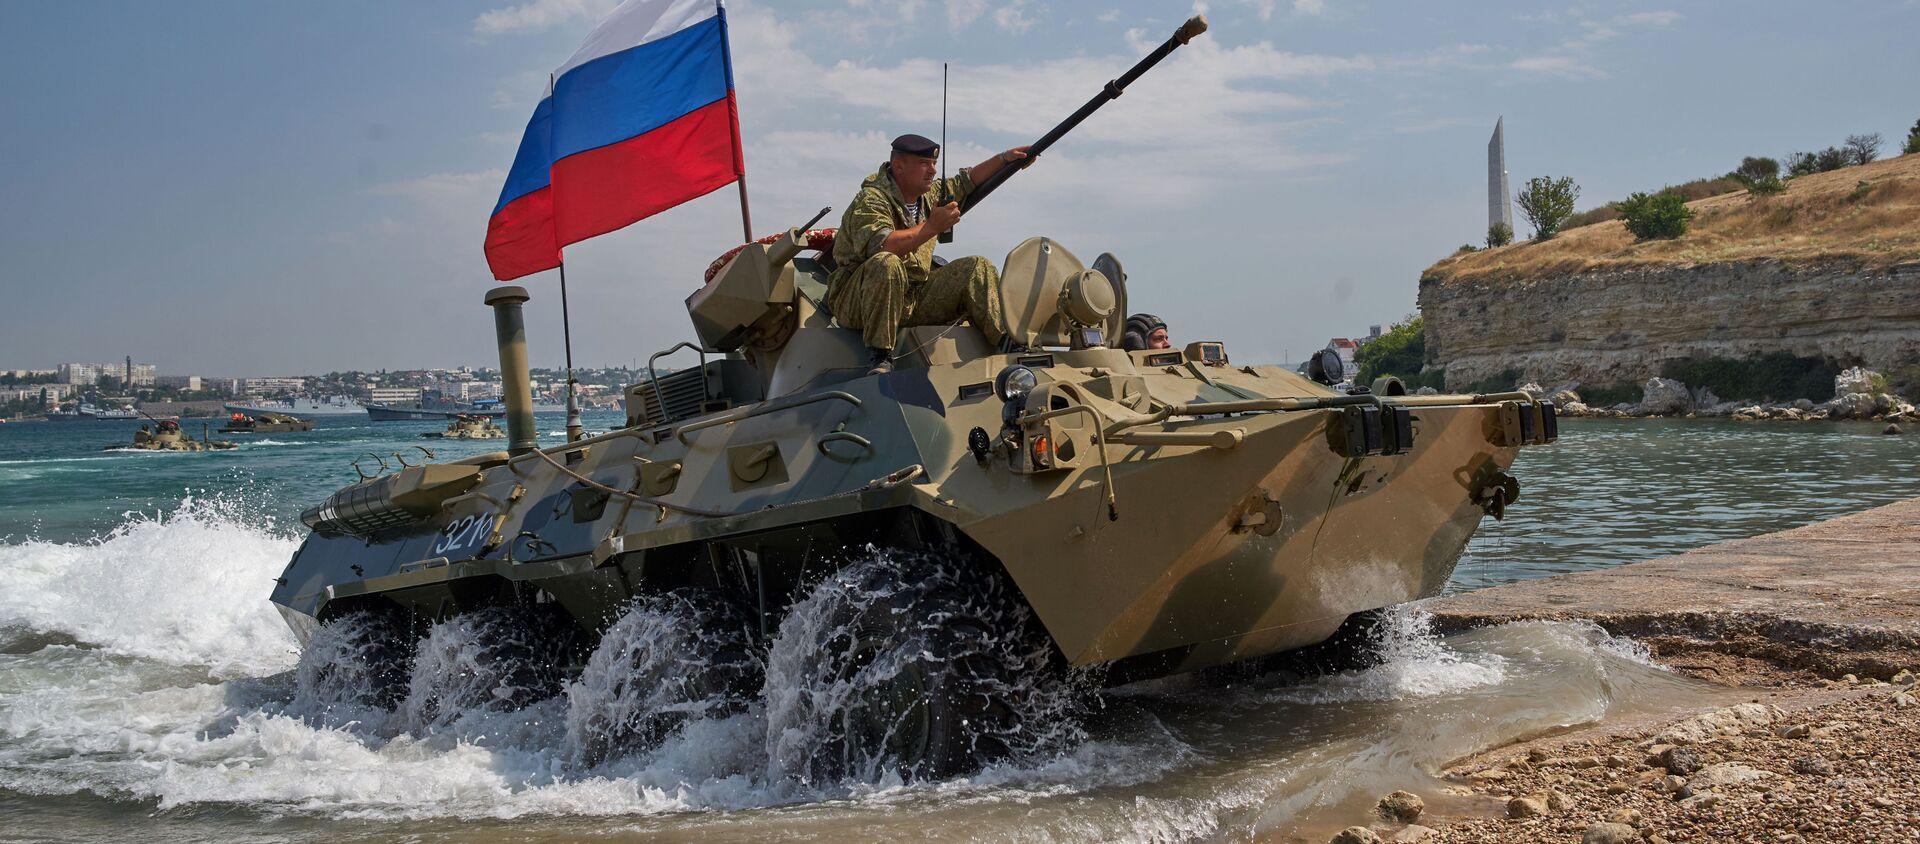 Sevastopol. Xe vận tải bọc thép của thủy quân lục chiến Hạm đội Biển Đen BTR 82A trong cuộc tổng duyệt chương trình biểu diễn quân sự cho Ngày Hải quân Nga. - Sputnik Việt Nam, 1920, 02.08.2018